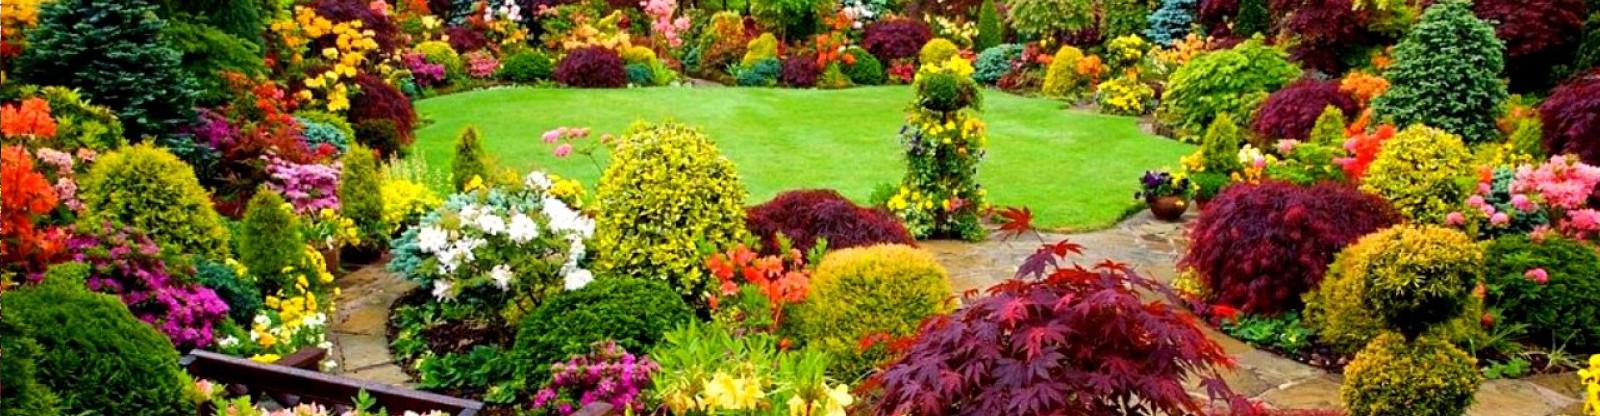 garden compost utah